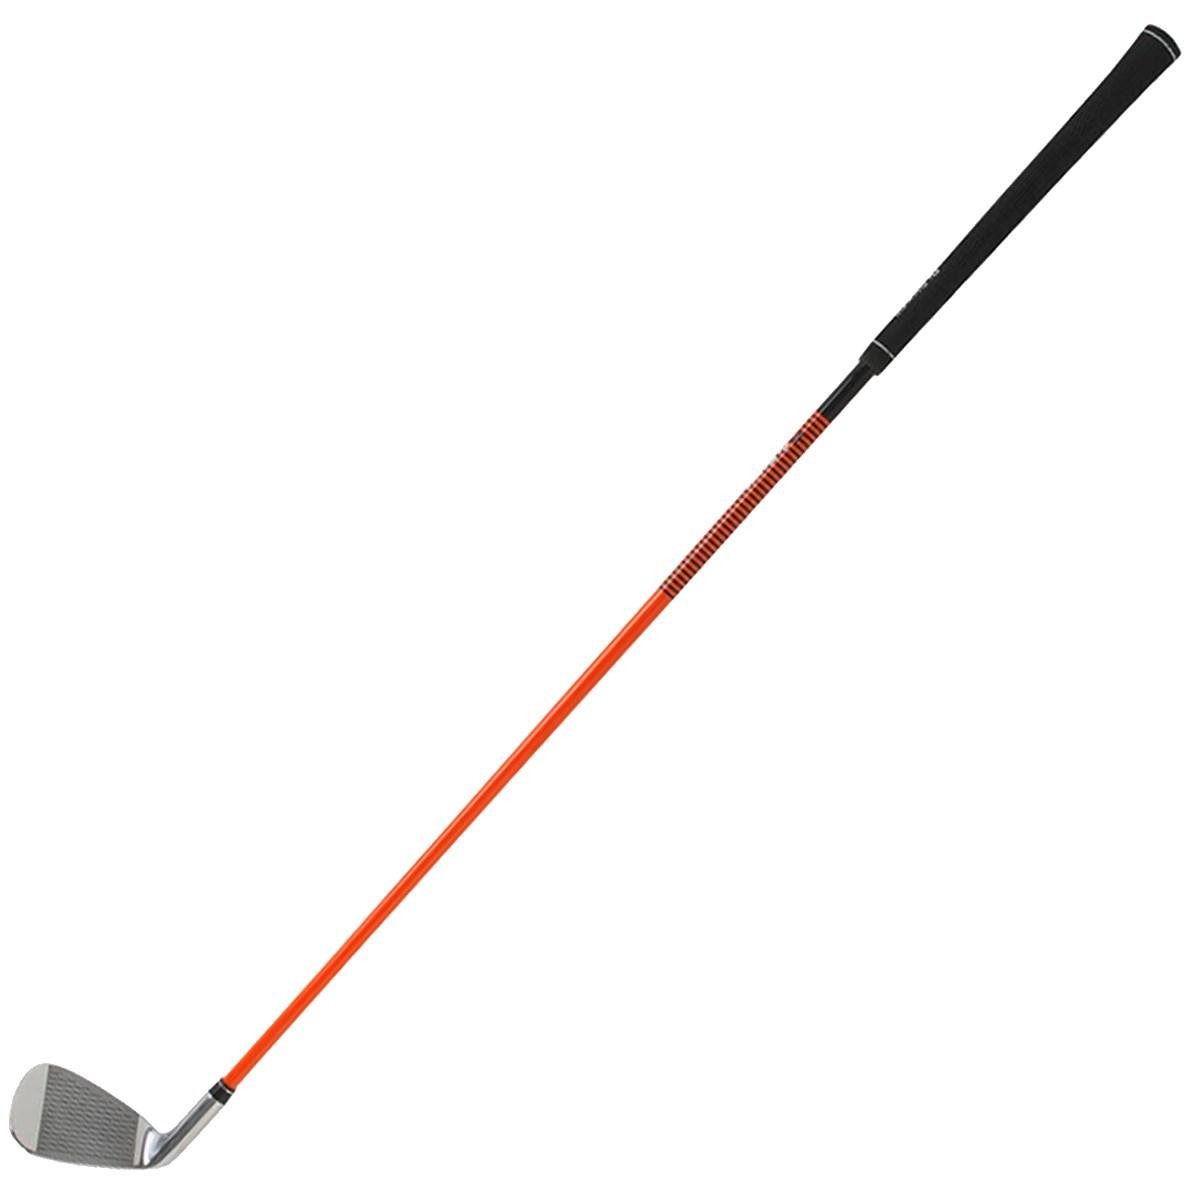 ドクター・スローモー オレンジ ウェッジタイプ 番手:PW/ロフト:46°/長さ:35インチ オレンジ